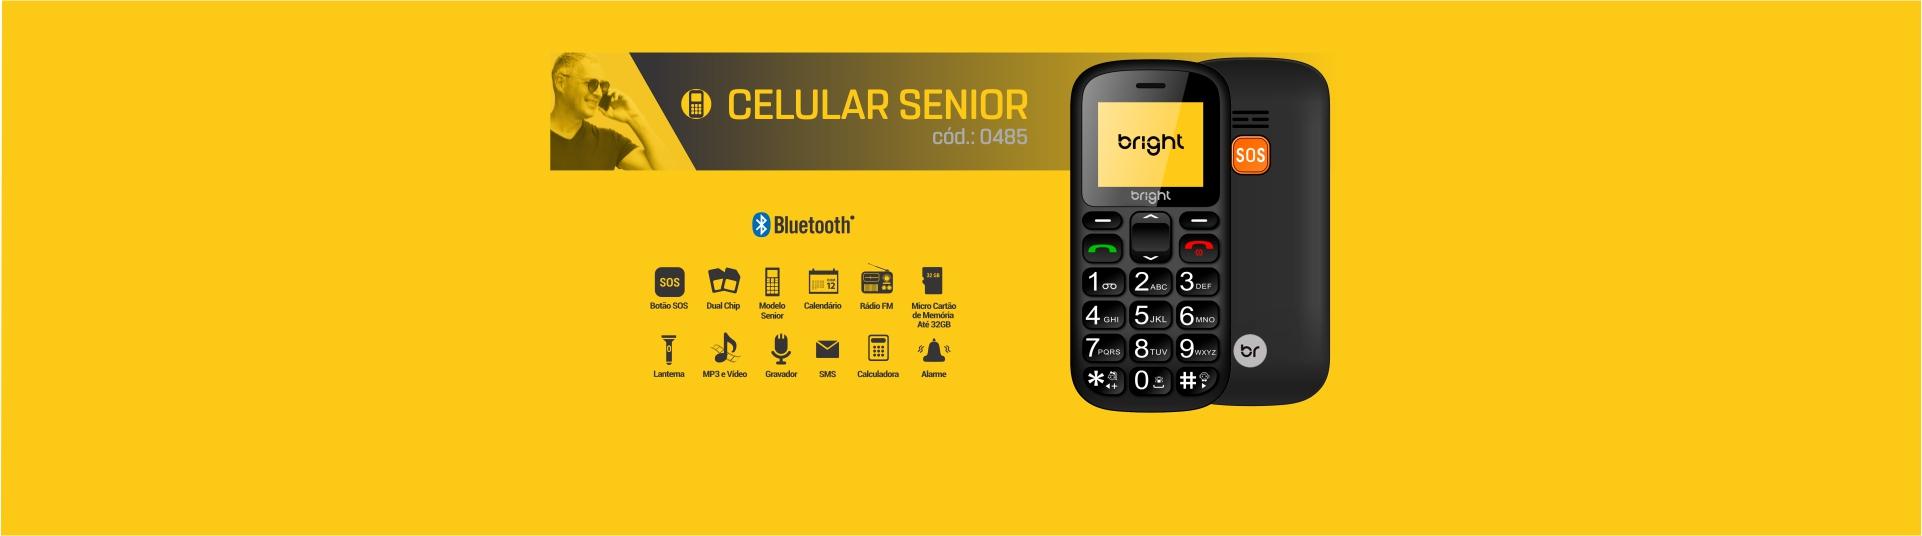 banner_BRIGHT_celular_senior